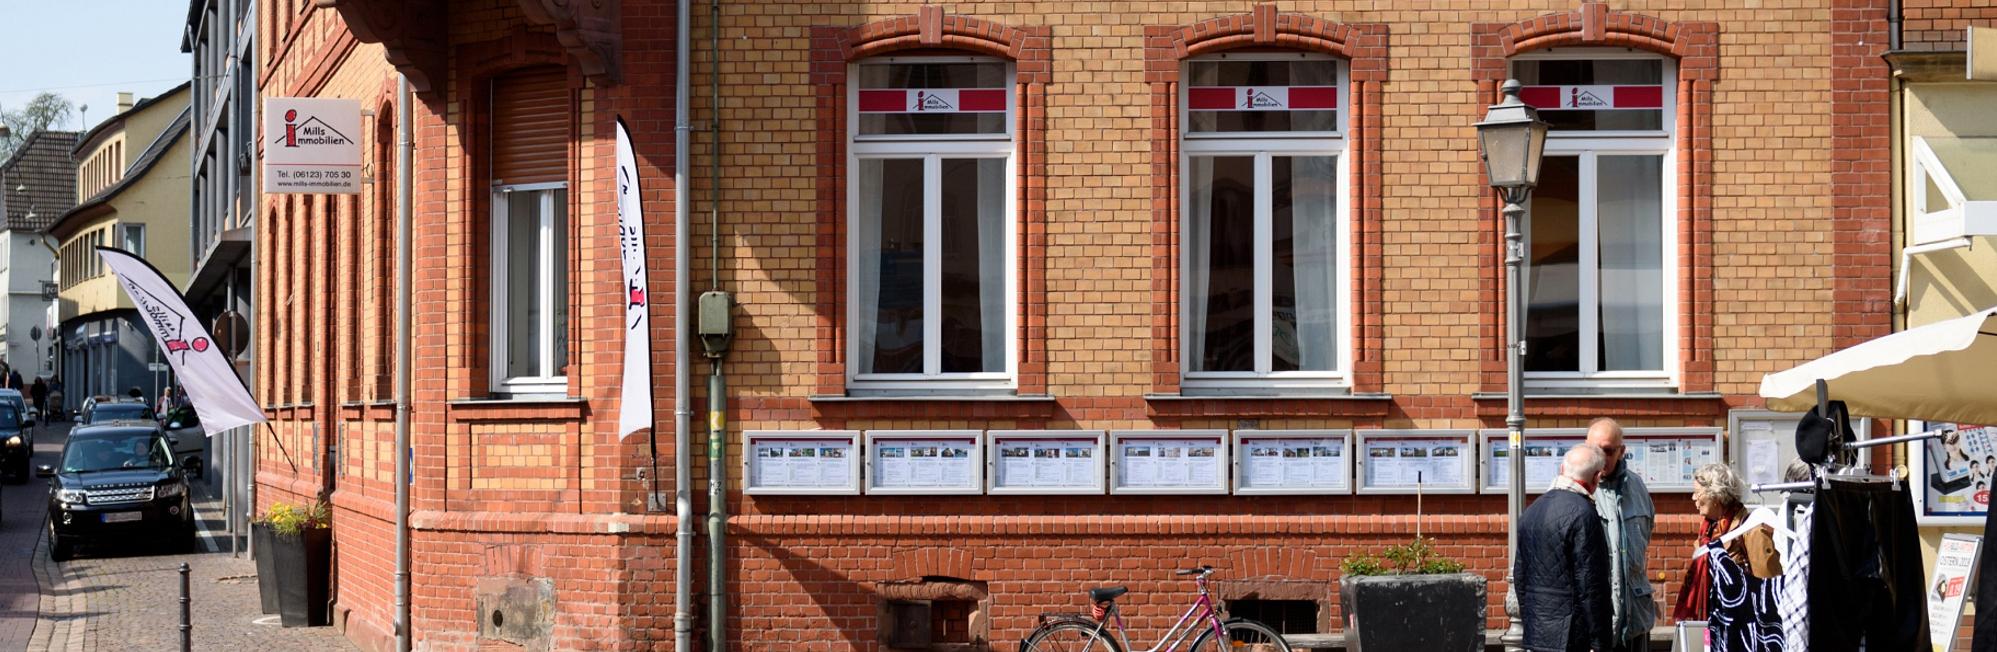 Mills Immobilien Geschäftsstelle in Eltville Rheingau von außen